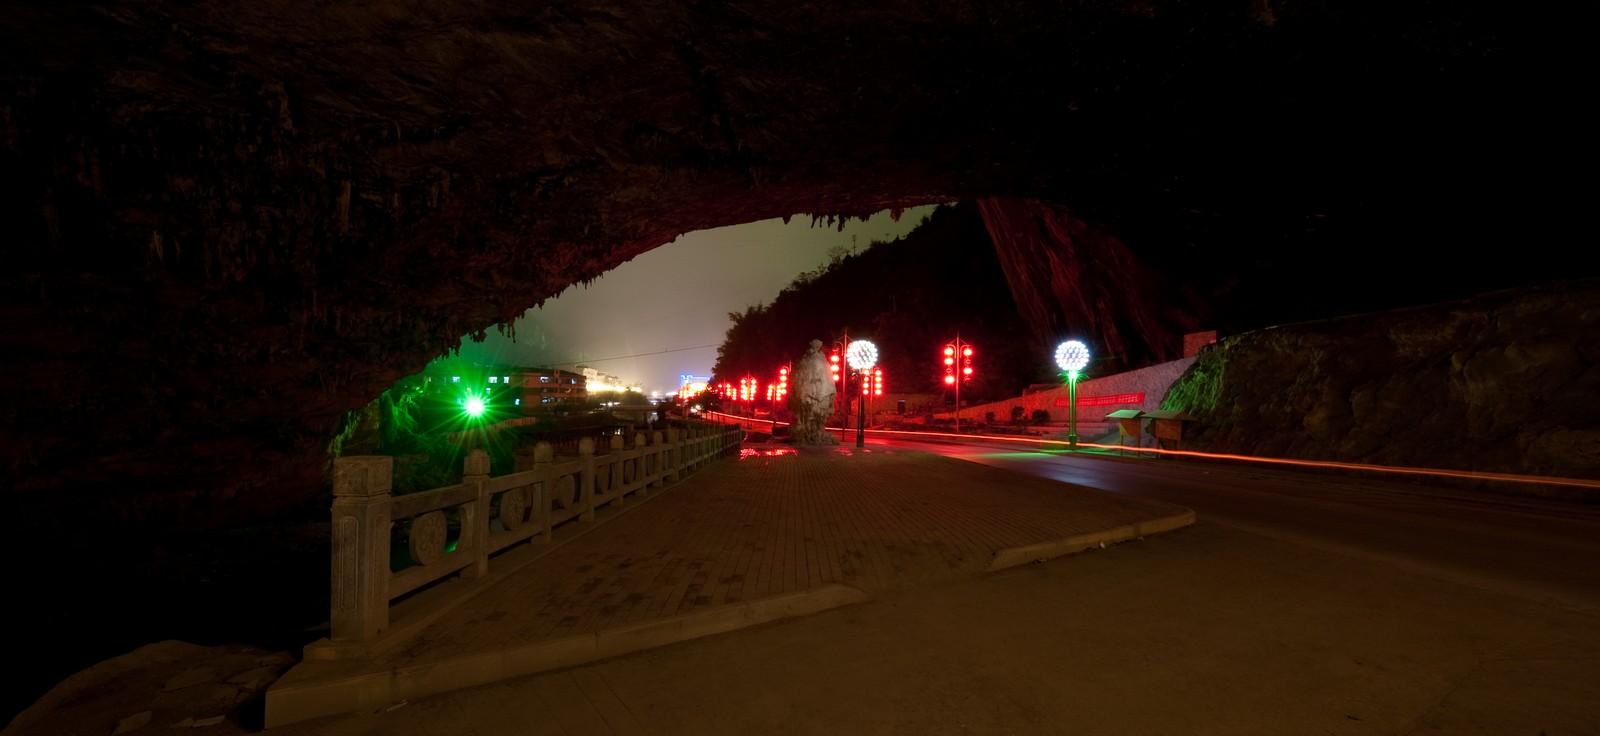 in uscita da Fengshan la strada provinciale si innesta nella grotta tunnel Chuanlongyan (foto Marco Zambelli)